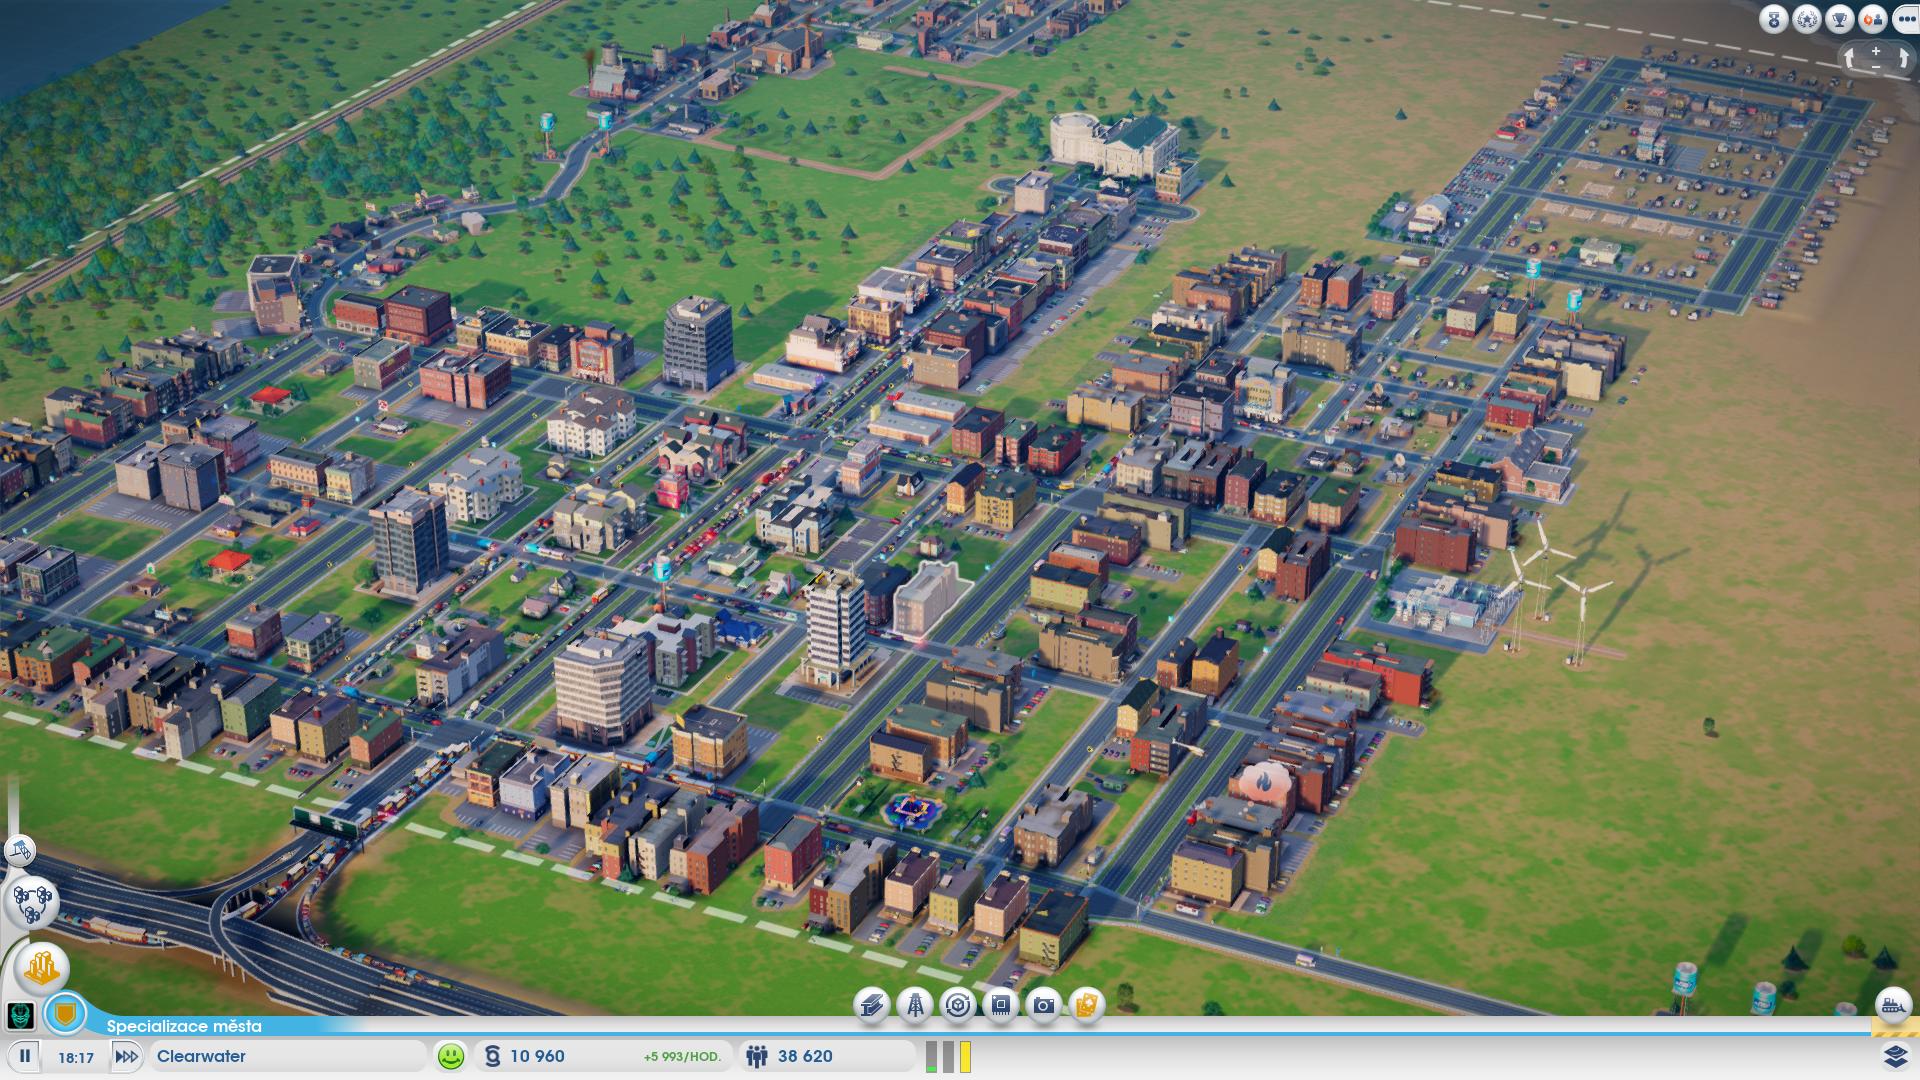 SimCity 2013 dojmy, popis mého postupu 6195